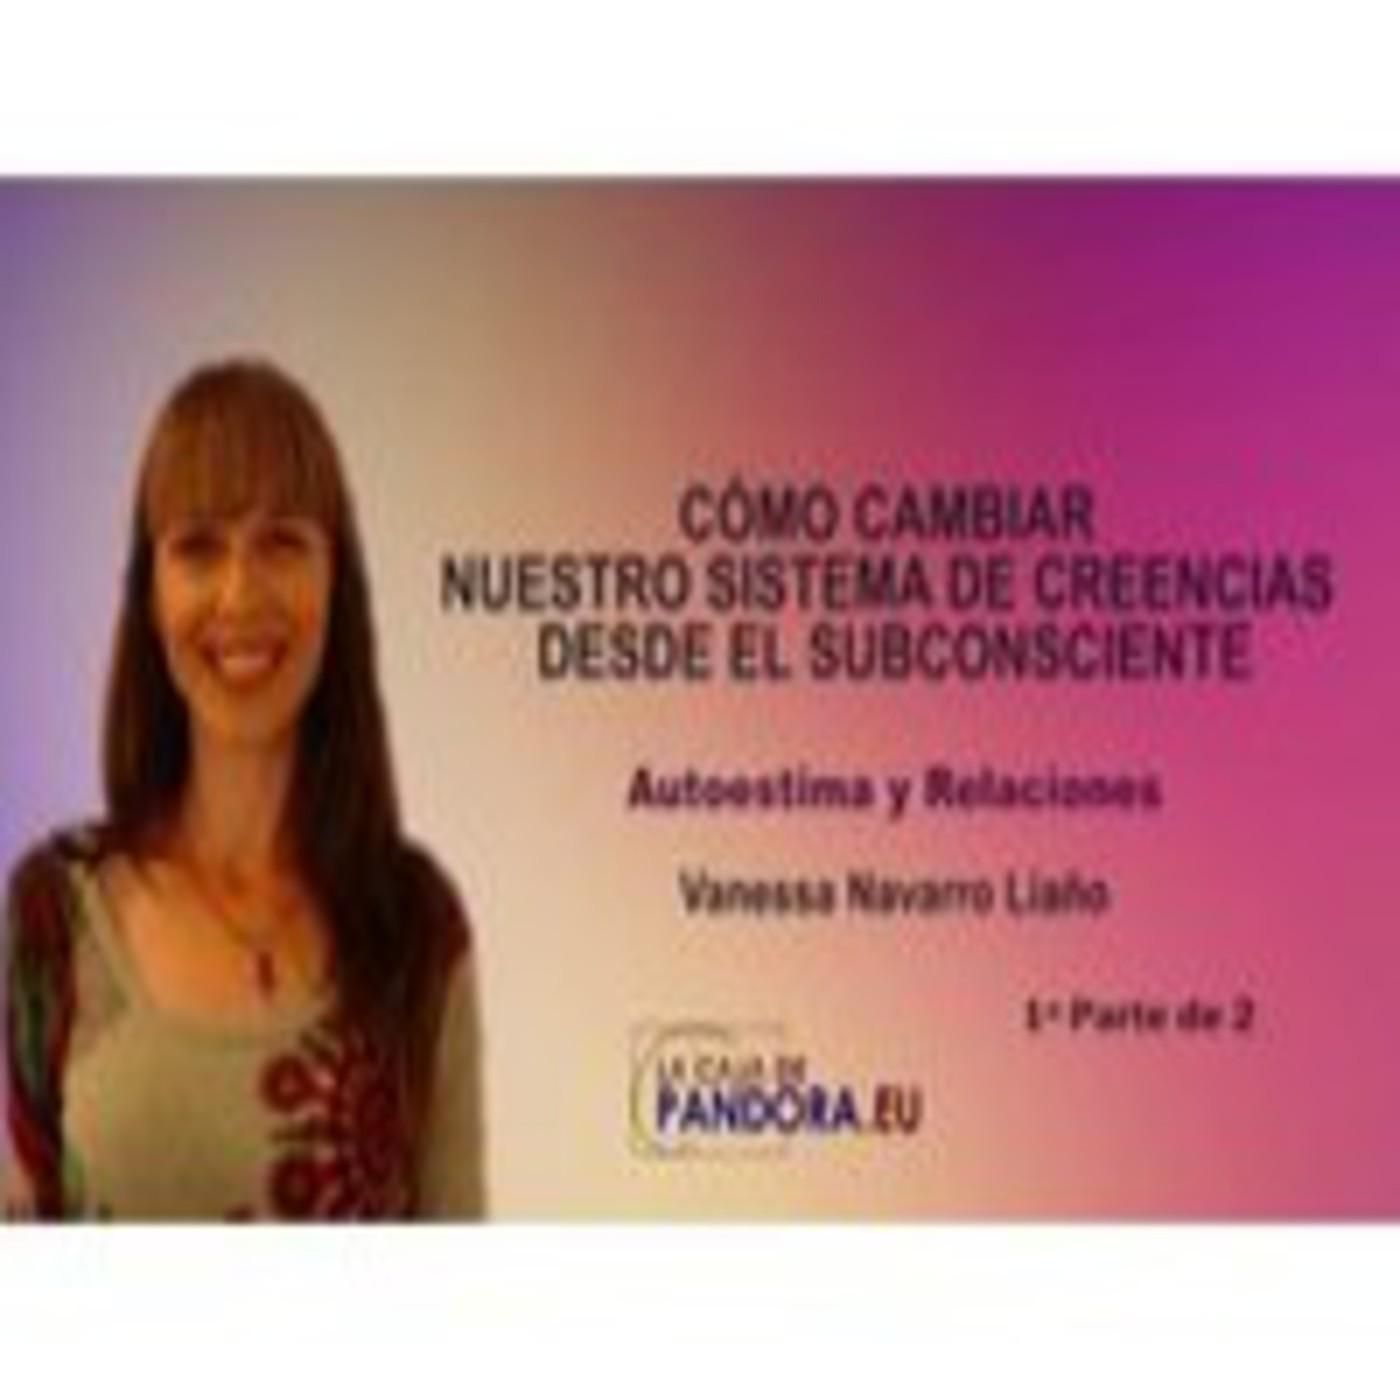 Cómo cambiar nuestro sistema de creencias desde el subconsciente PSYCH-K® - Vanessa Navarro 1ª Parte de 2